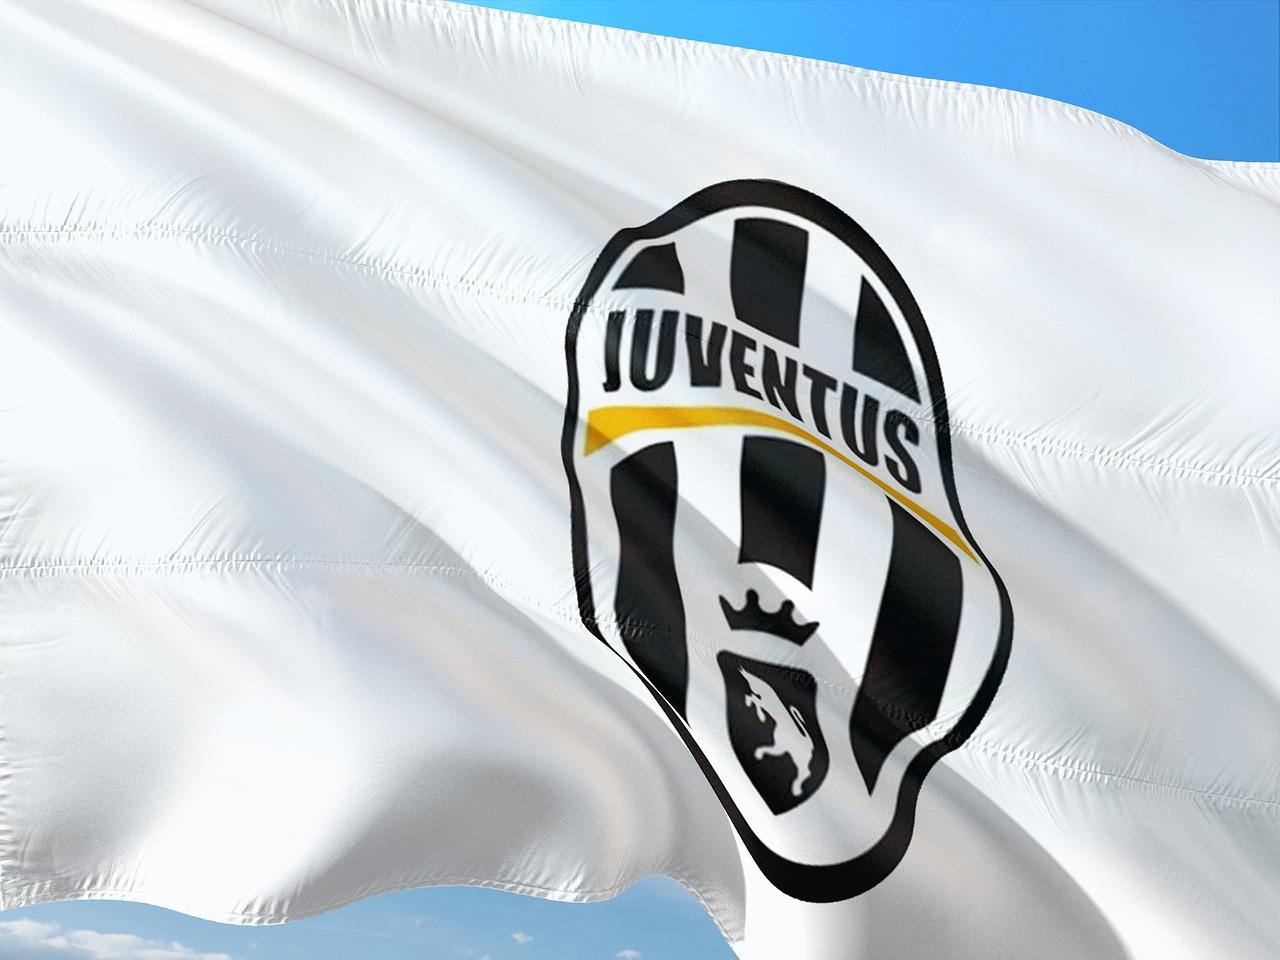 PSG y Juventus, los primeros clubes de fútbol en cotizar en bolsas de criptomonedas